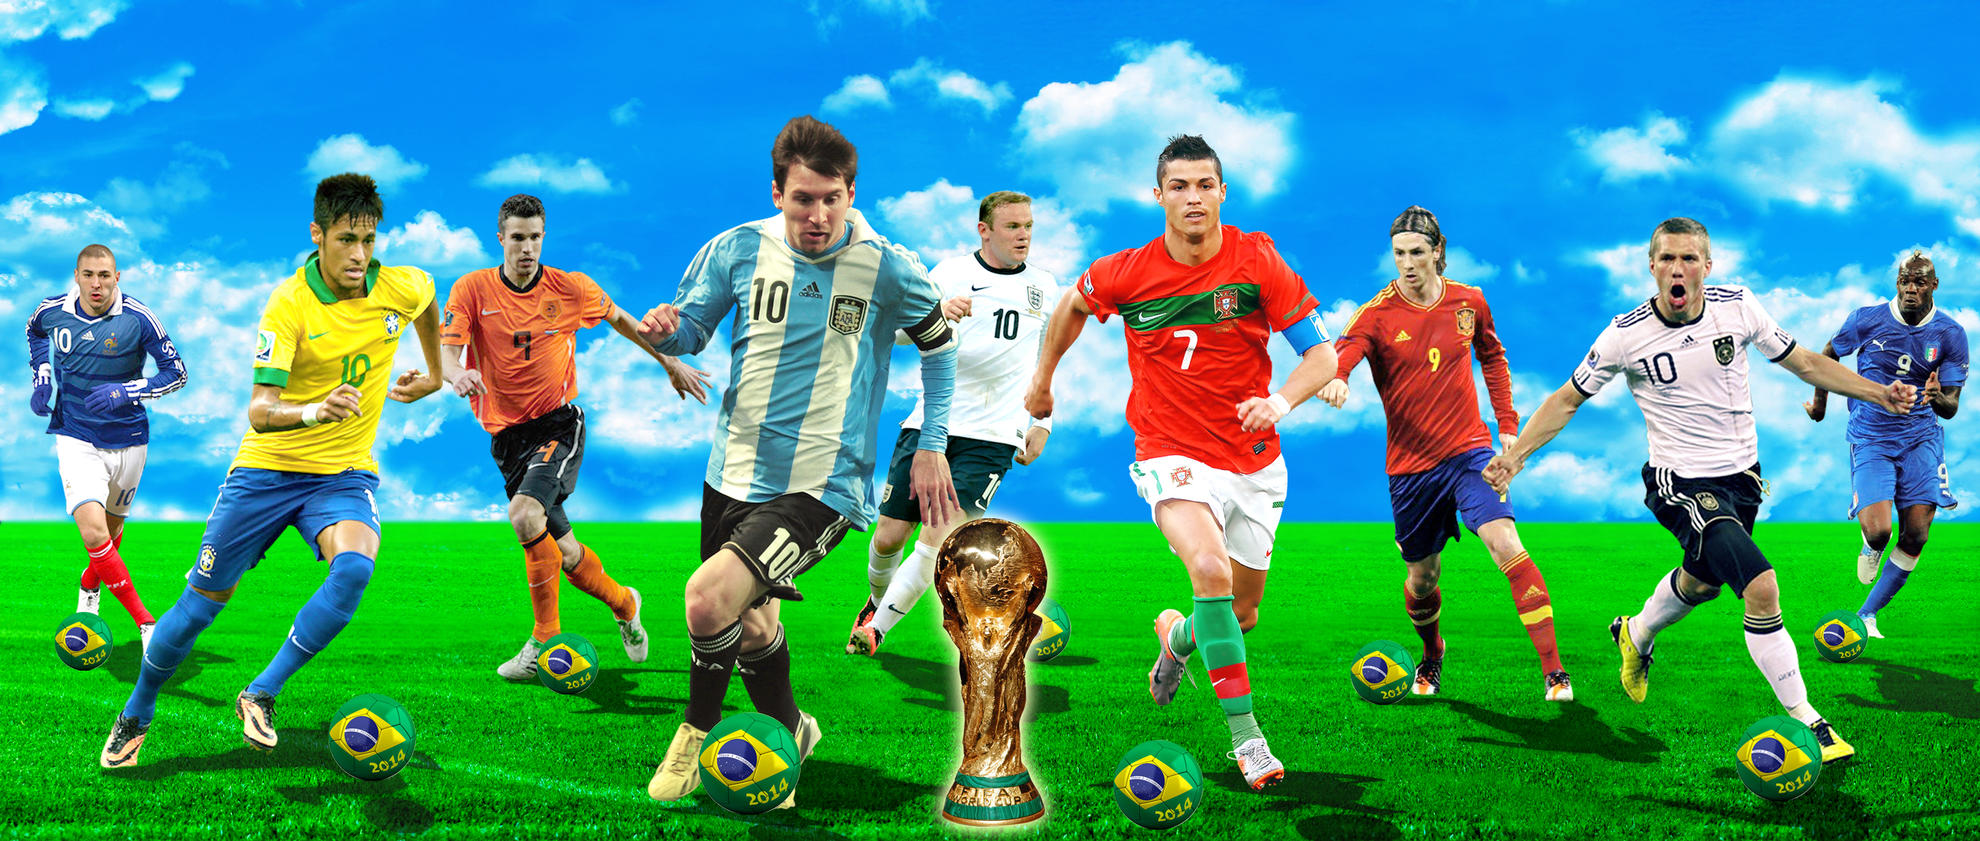 Все в мире футбольные картинки